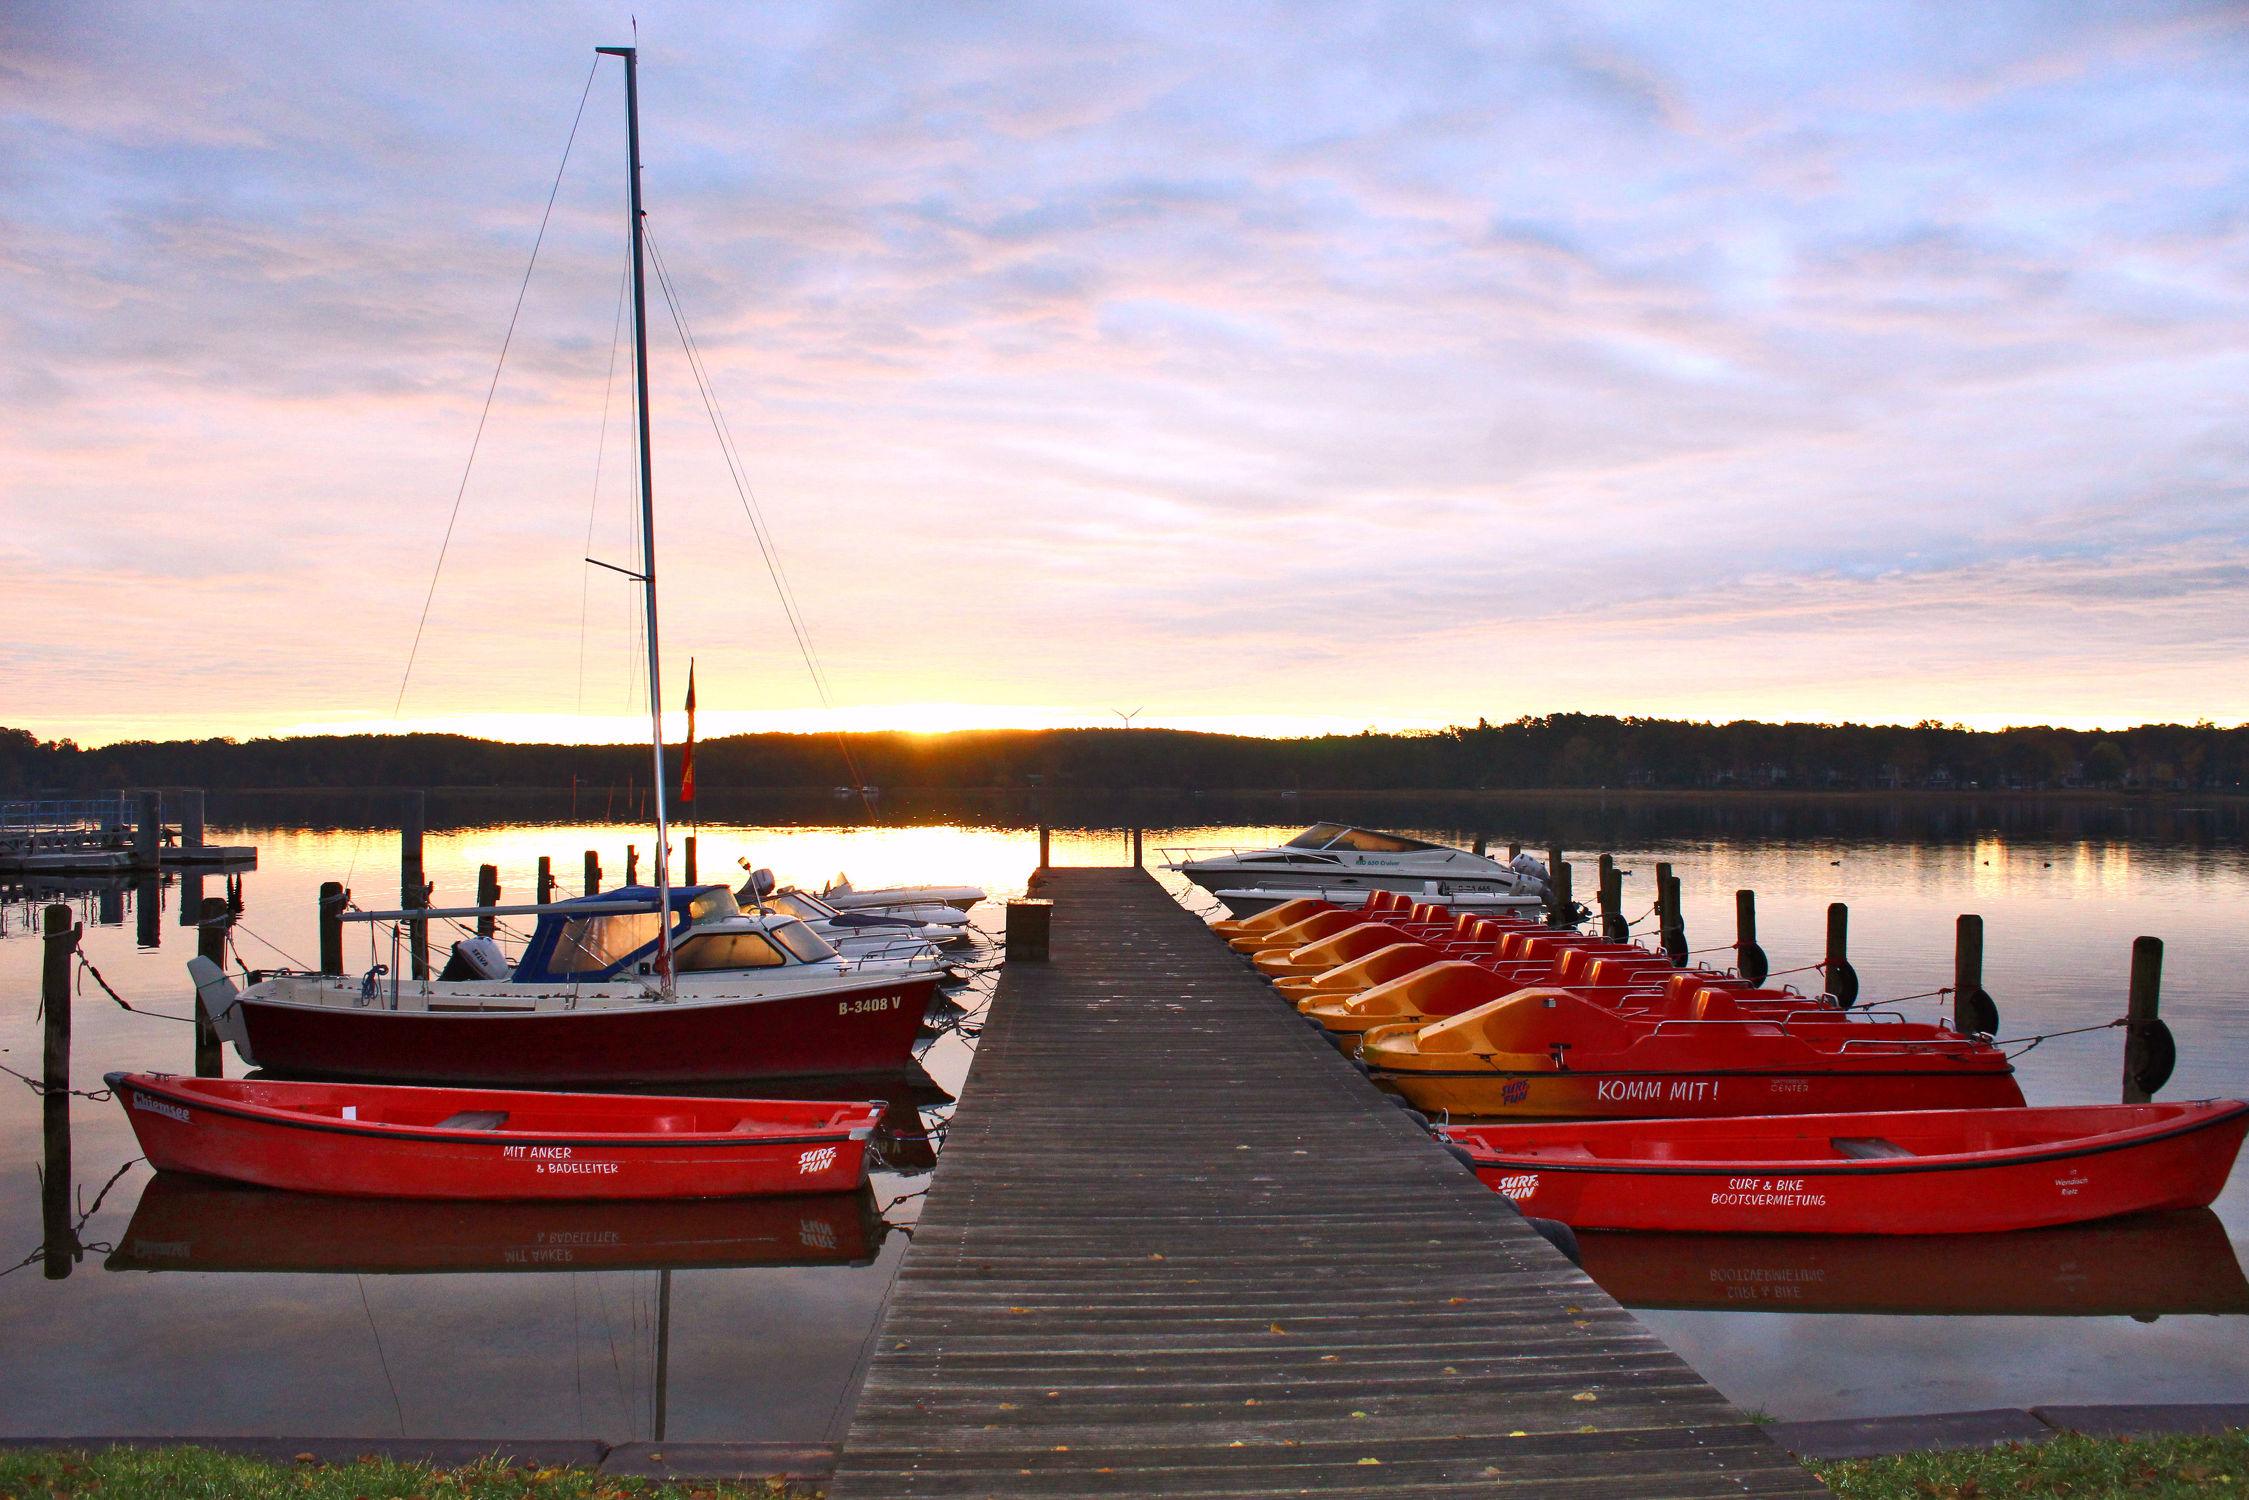 Bild mit Sonnenuntergang, Segelboote, Sonnenaufgang, Boote, Steg, Holzsteg, Scharmützelsee